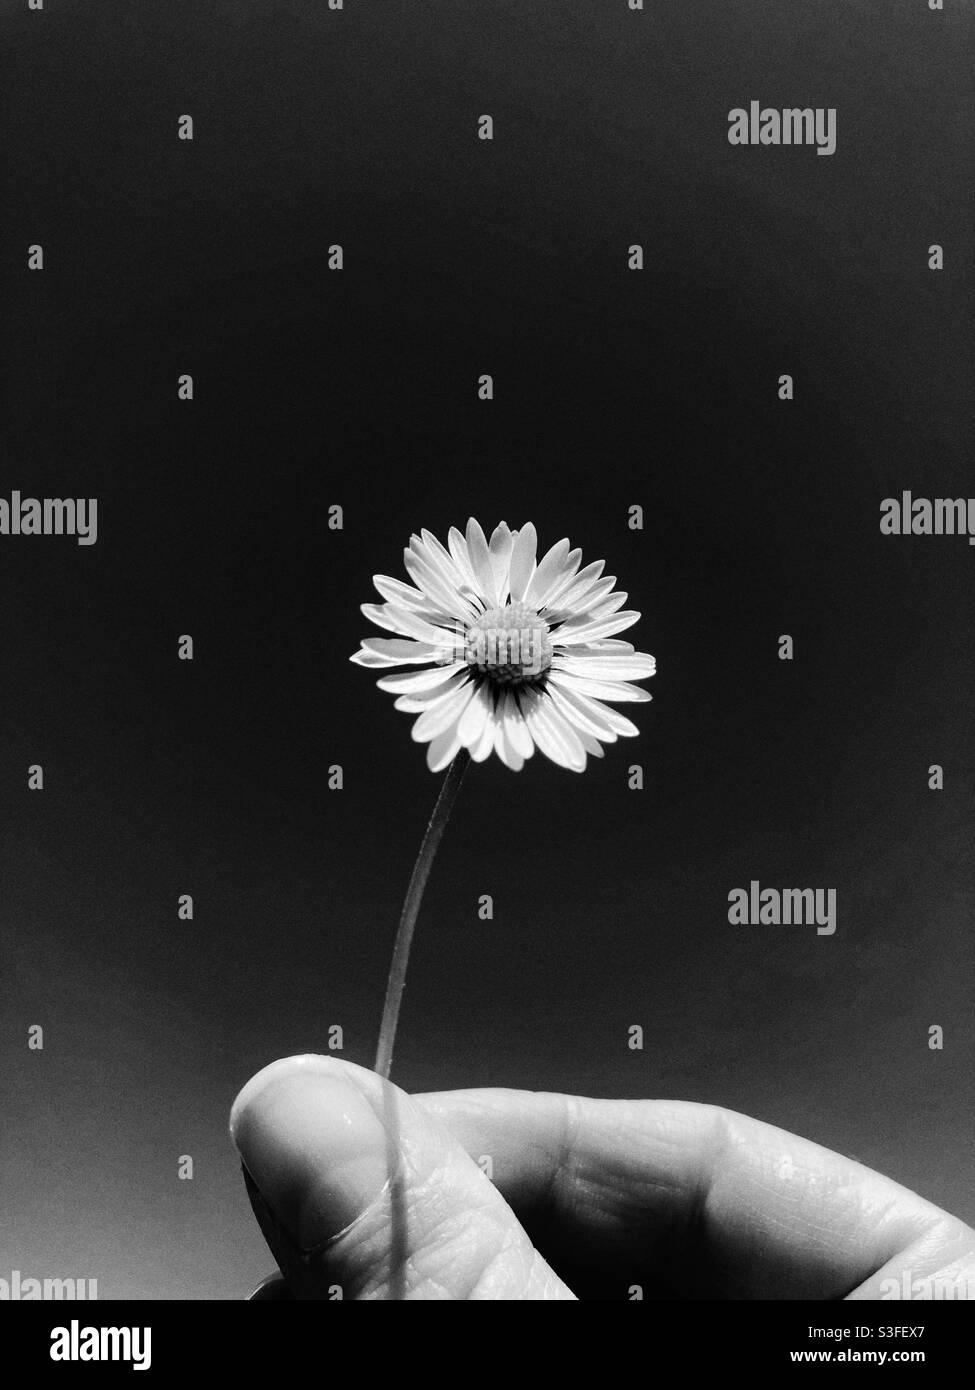 Schwarz-weiße Gänseblümchen, die in der Hand gehalten wird Stockfoto